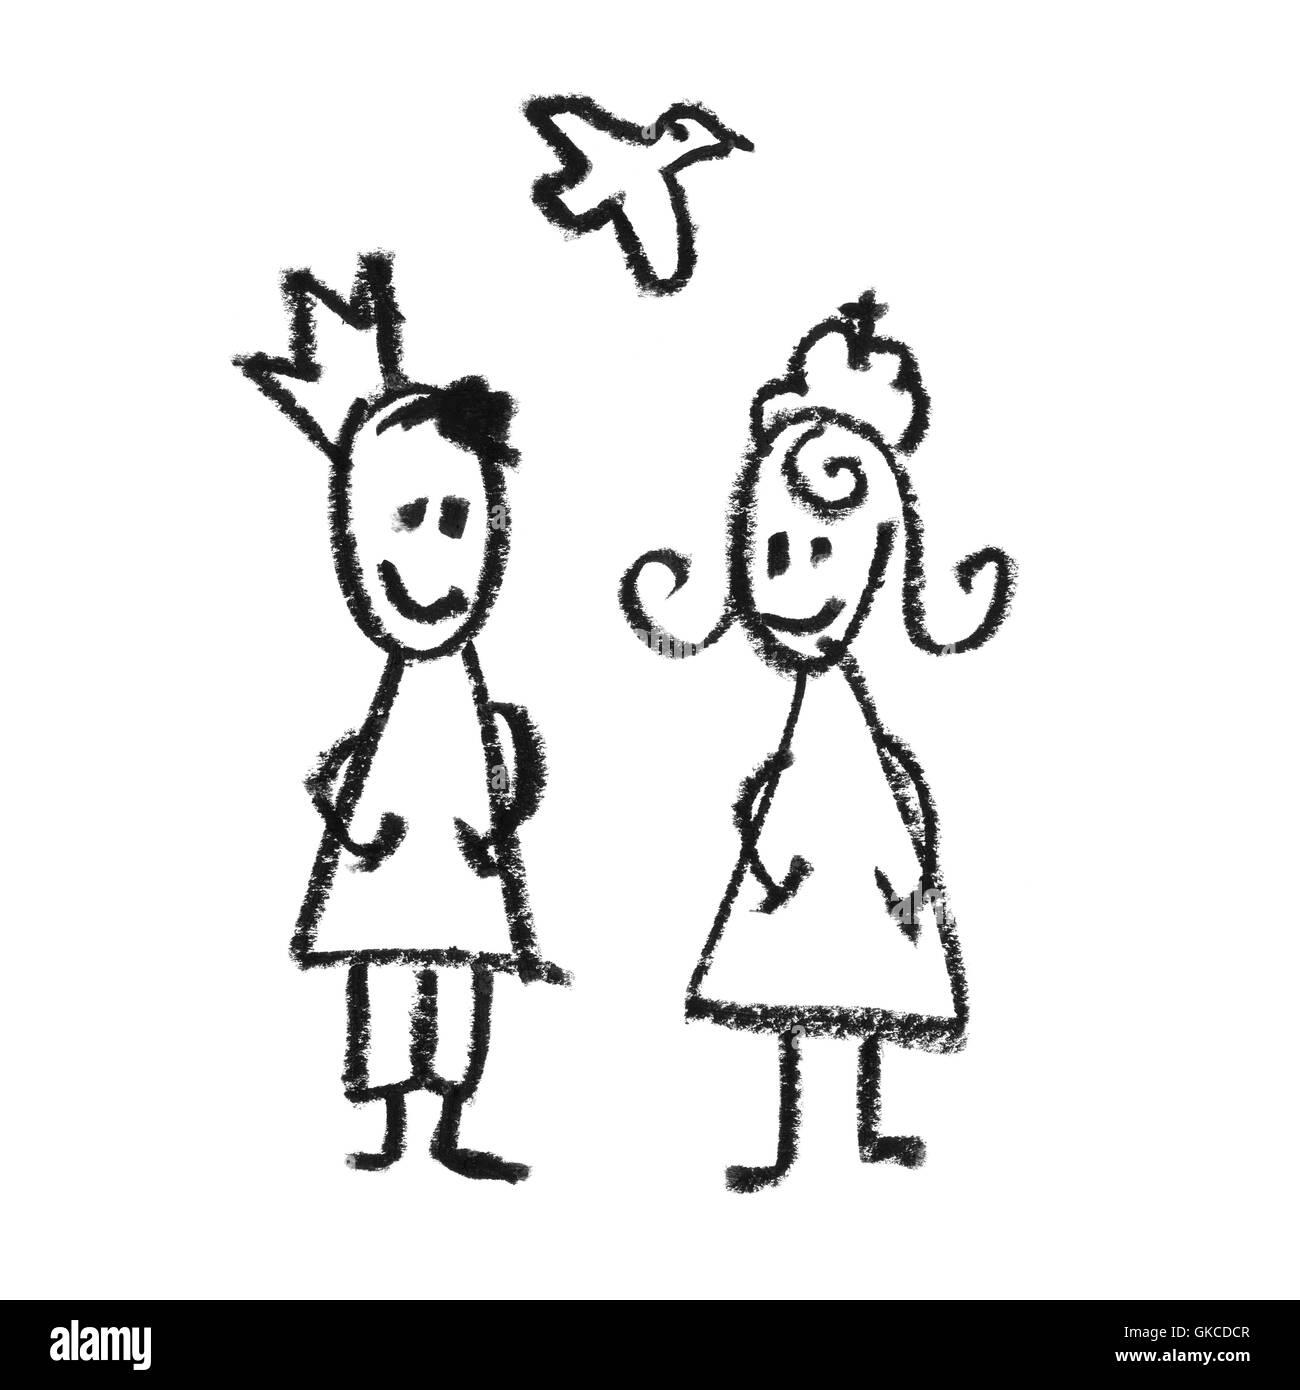 El Rey Y La Reina Con El Flying Dove Garabatos Dibujo Foto Imagen